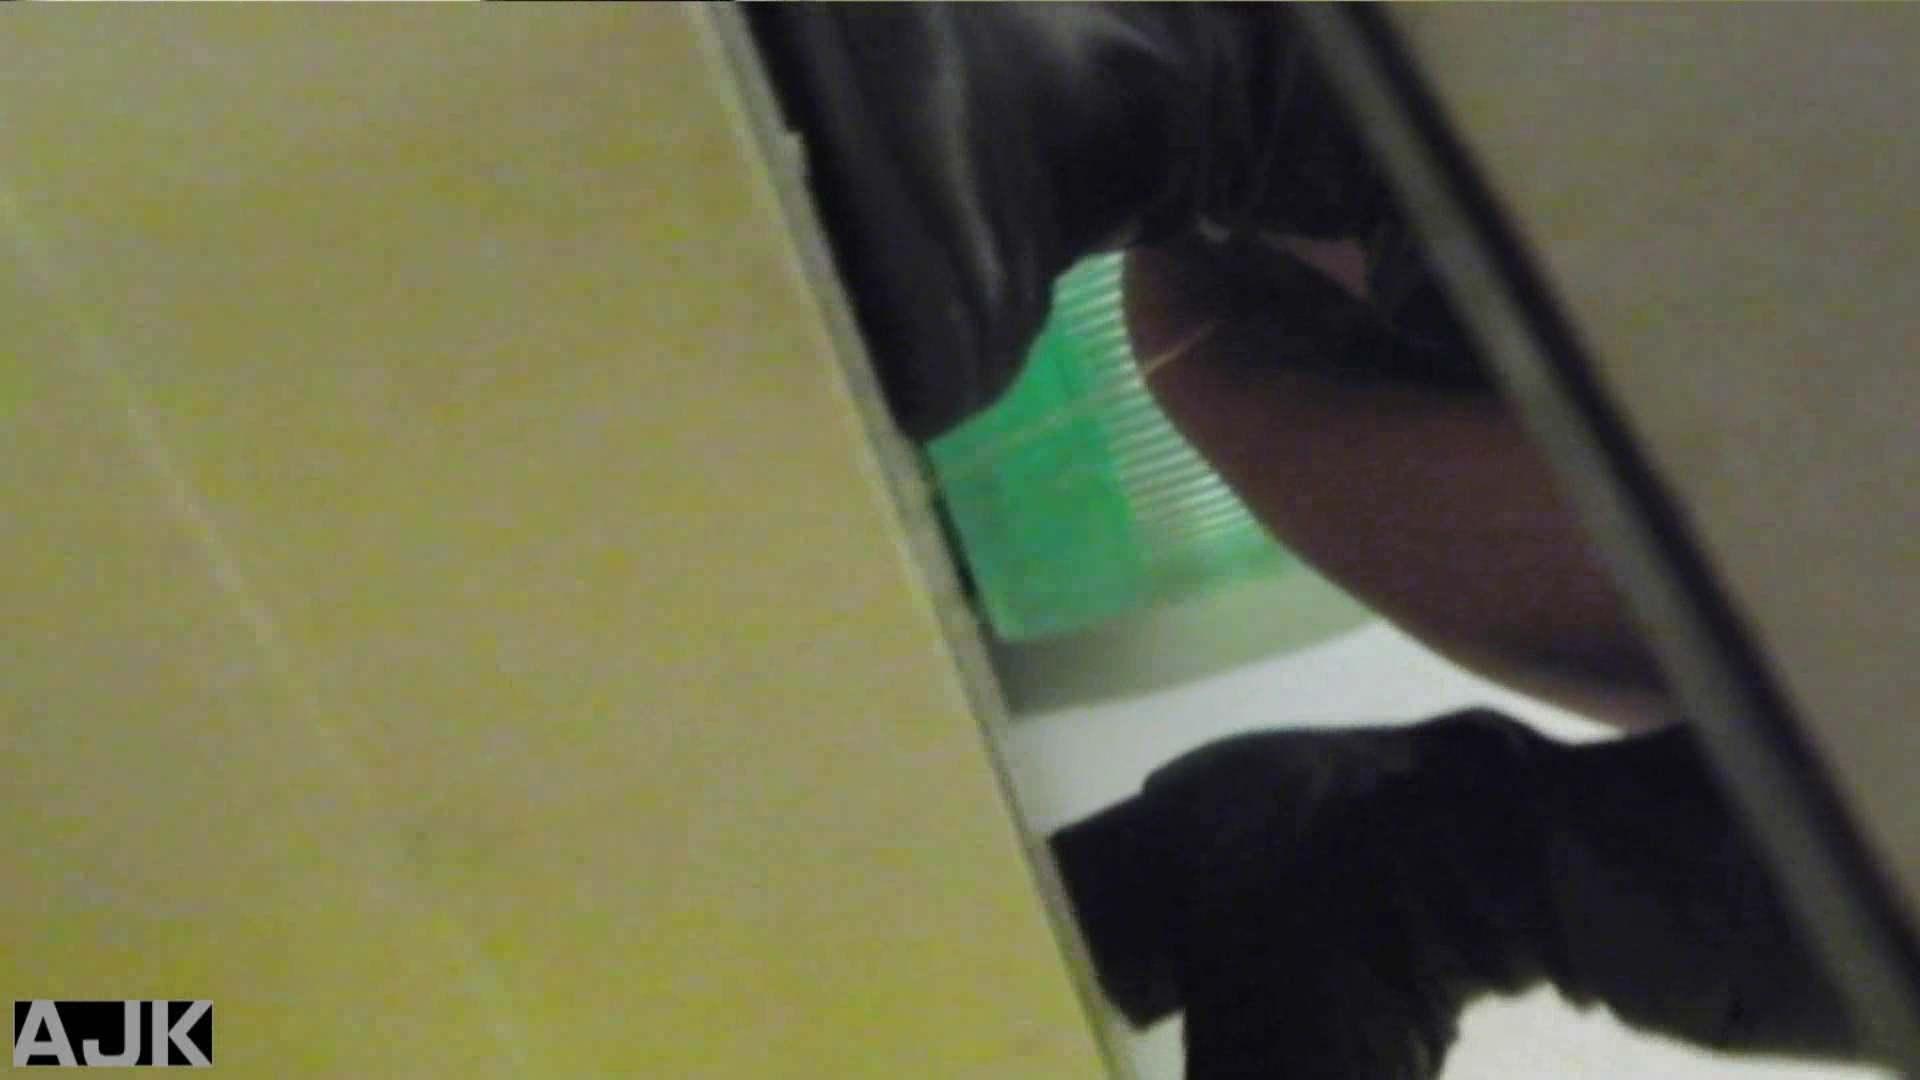 隣国上階級エリアの令嬢たちが集うデパートお手洗い Vol.03 OL  87pic 9